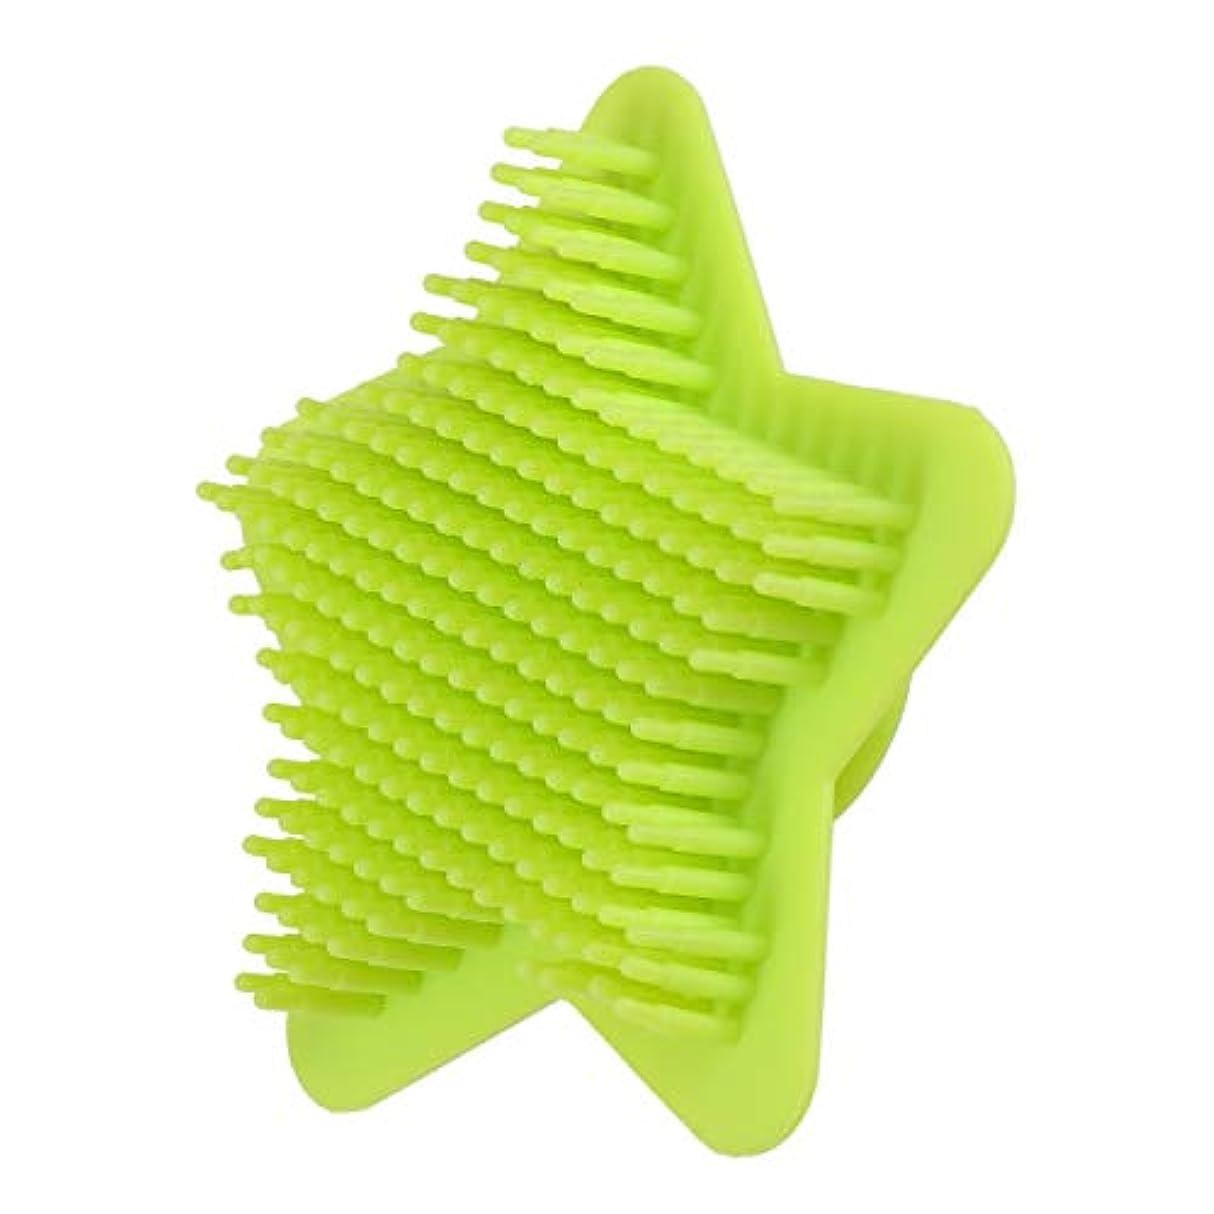 ドメインリールヒョウHealifty ヘアシャンプーブラシ頭皮シャワースクラバーマッサージブラシバスブラシソフトボディマッサージャー洗浄コームボディシャワーバスブラシ(グリーン)